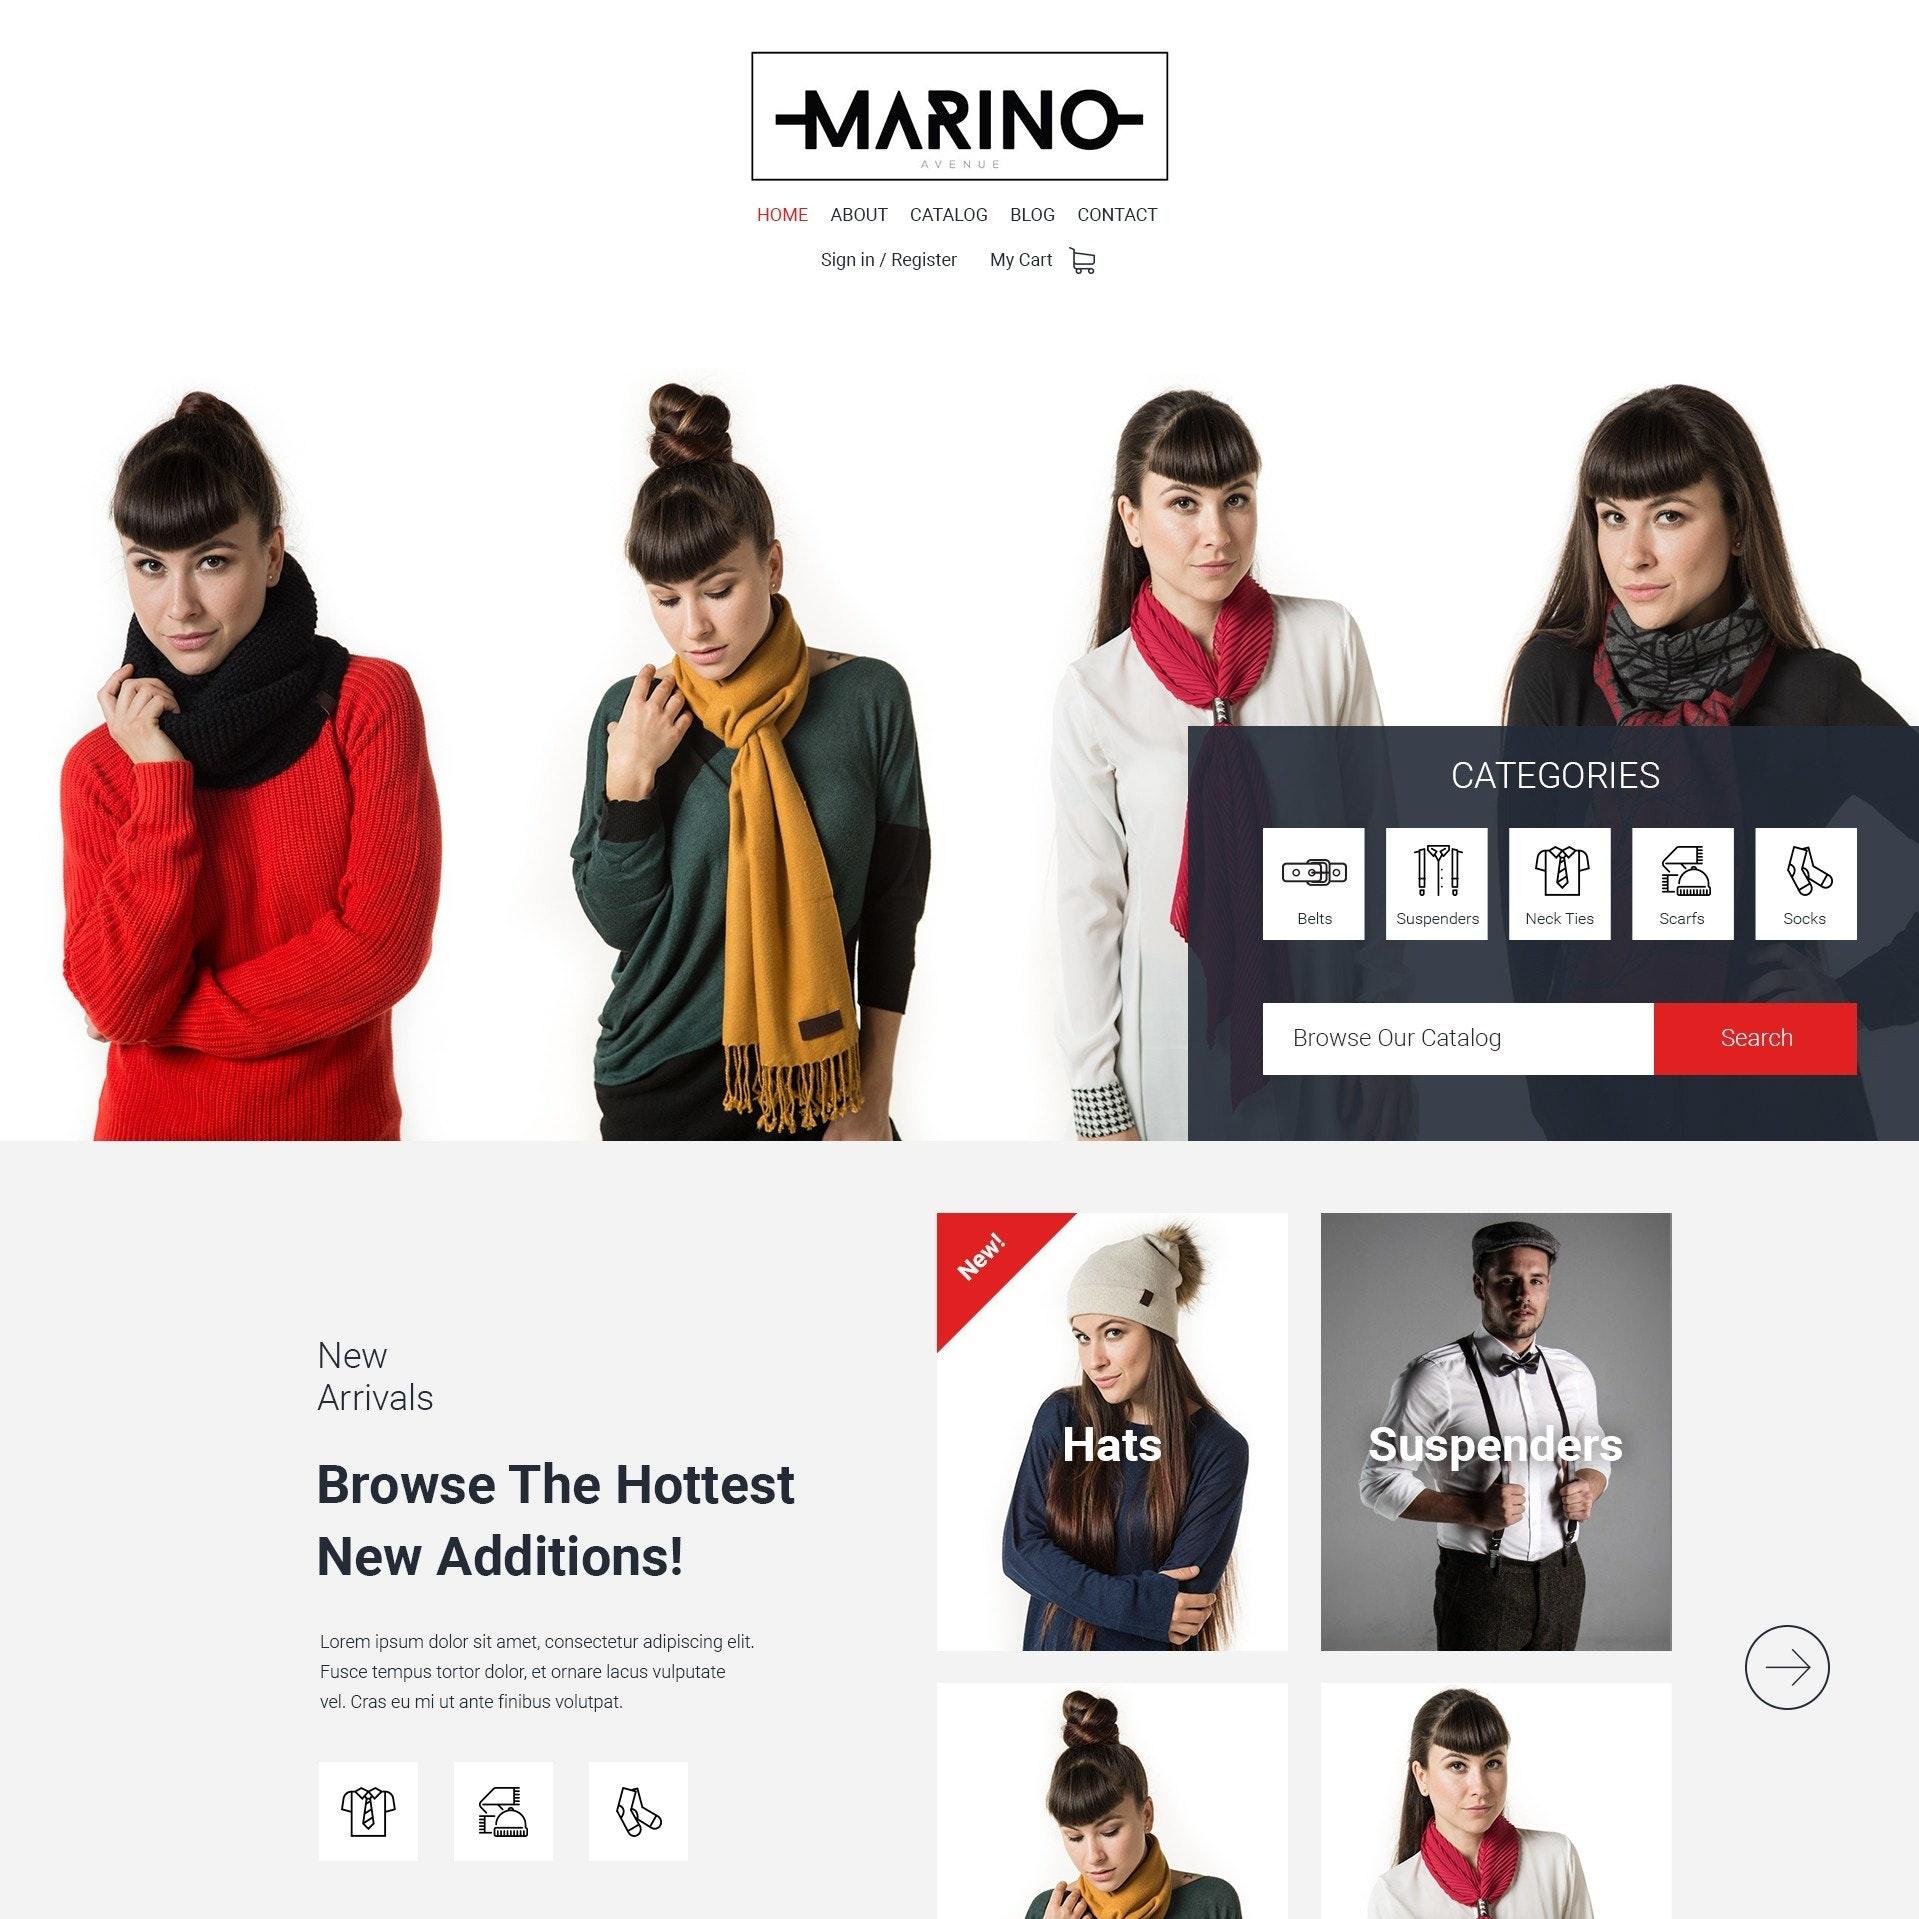 Women's fashion website design